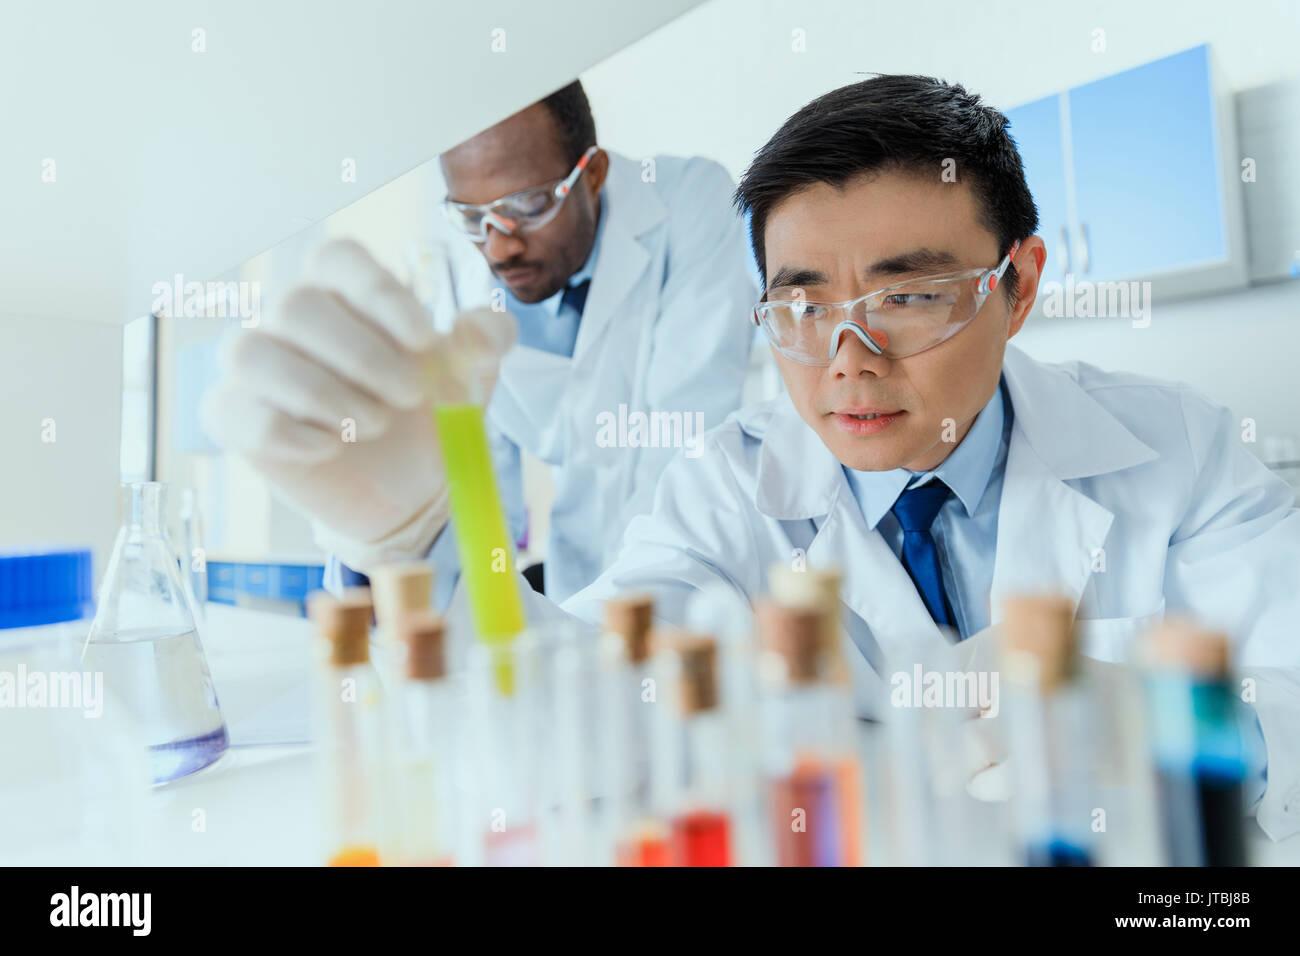 Professional scienziati in camici lavorando insieme in laboratorio chimico Immagini Stock